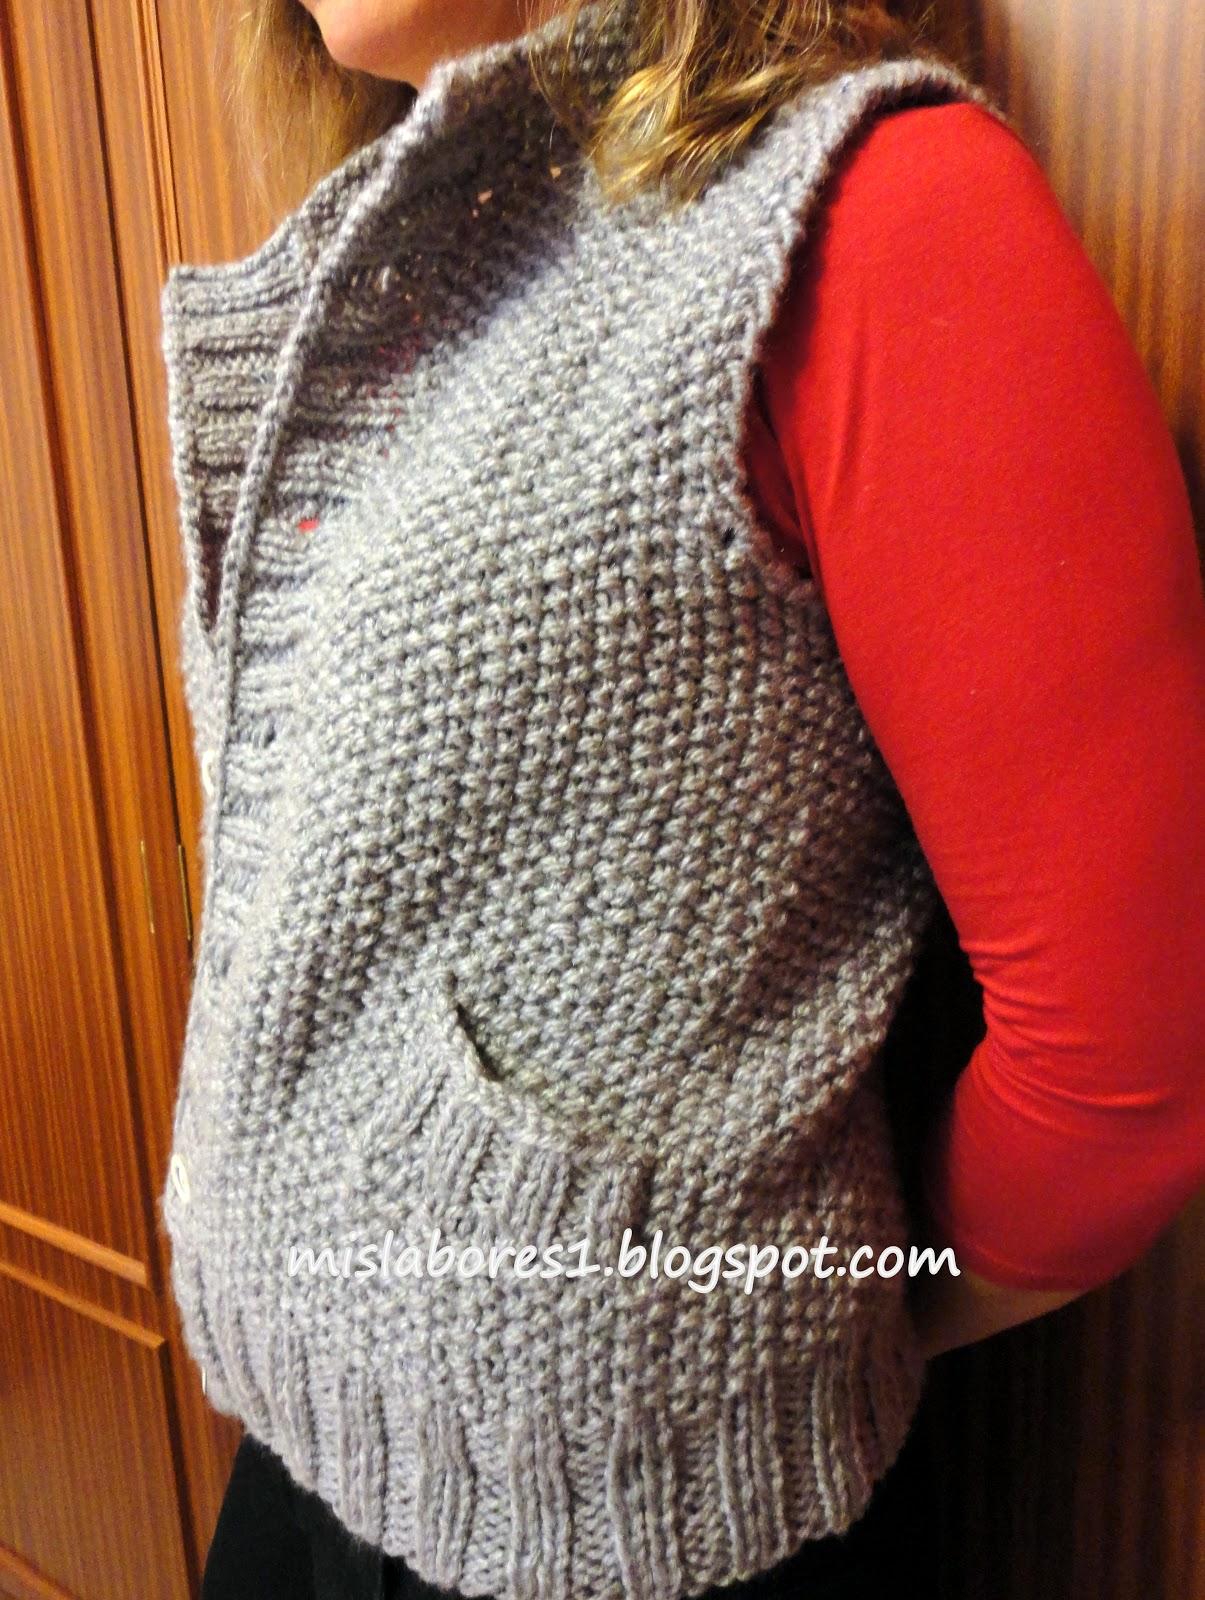 Mis labores chaleco de punto arroz - Puntos de agujas de lana ...